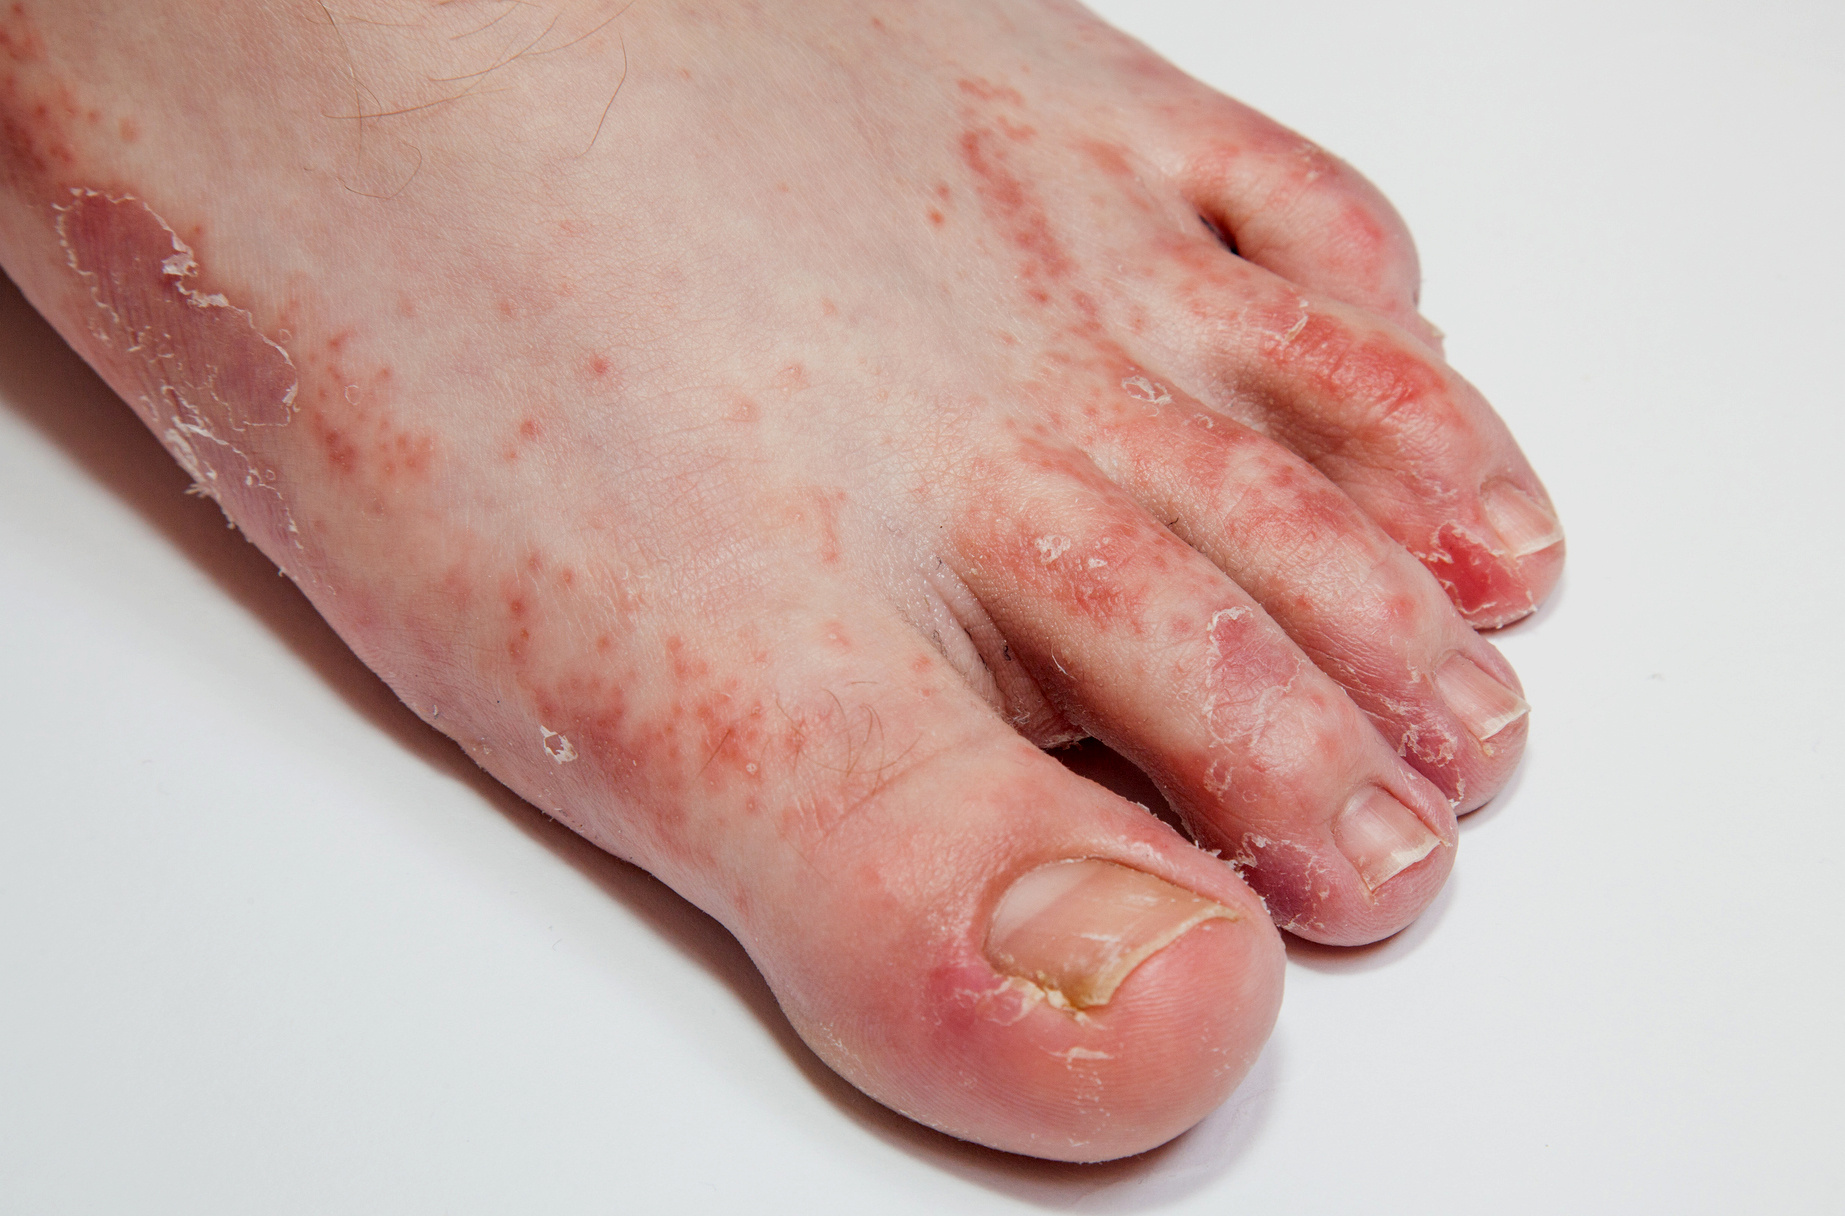 hólyagok a lábujjak között)